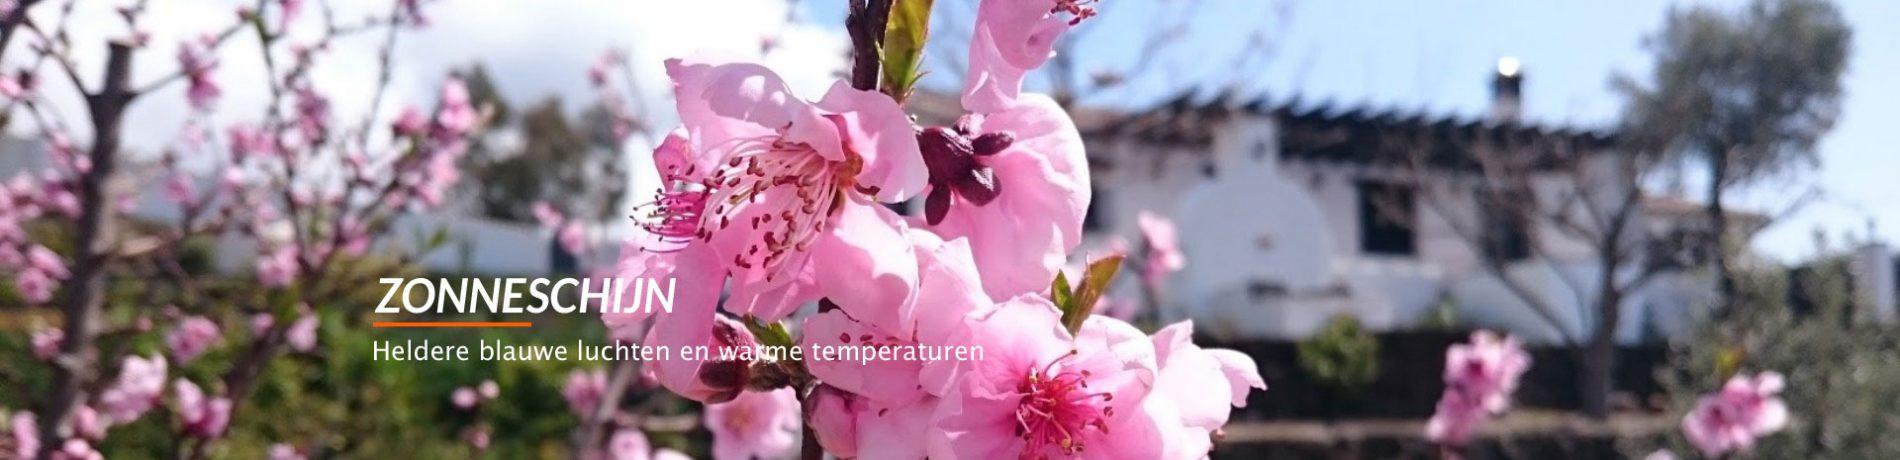 ZONNESCHIJN Heldere blauwe luchten en warme temperaturen